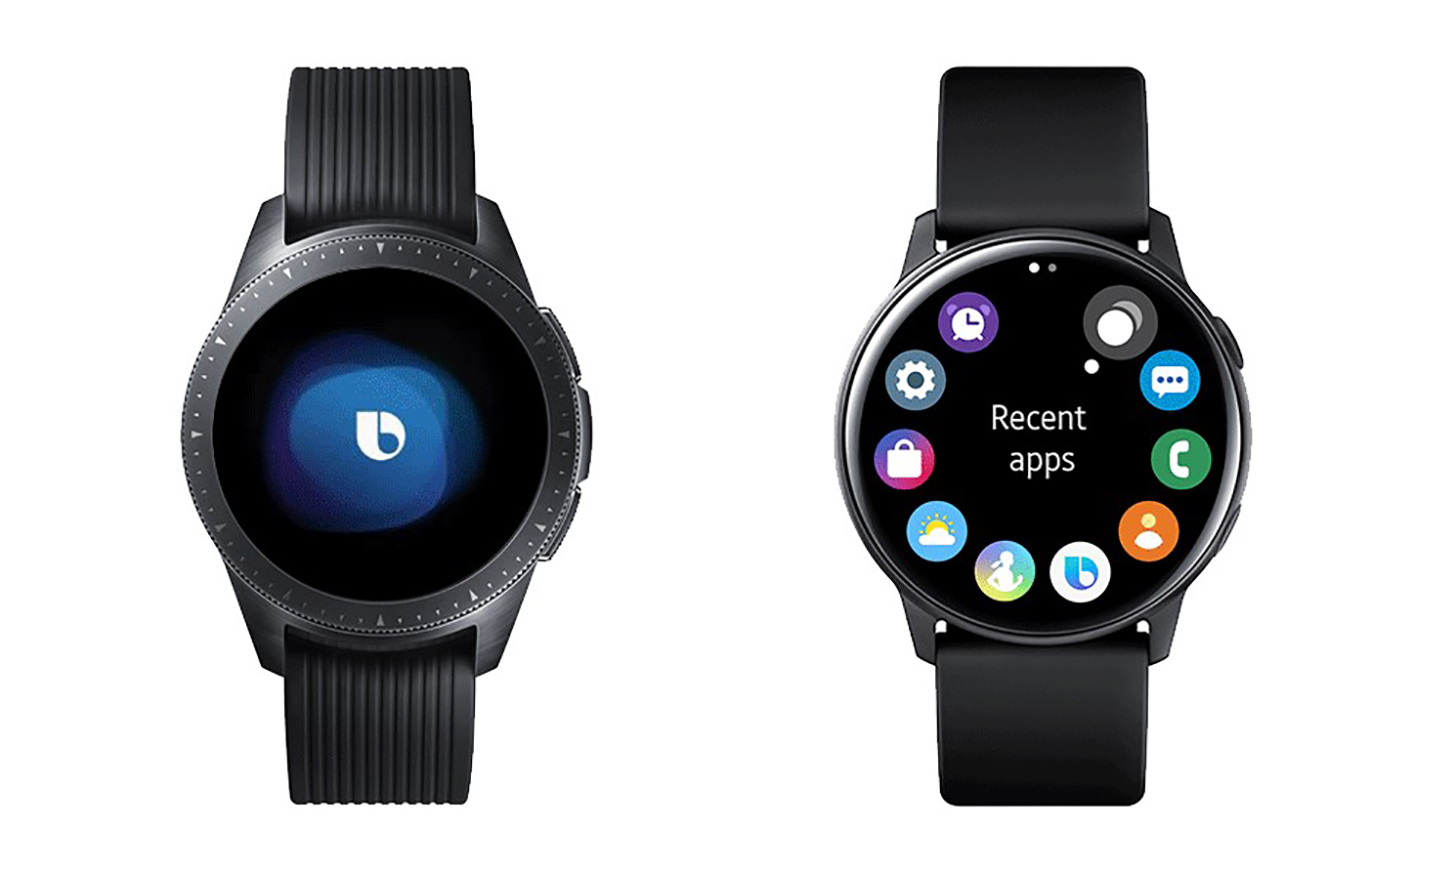 Обзор samsung galaxy watch — умные часы, которые кажутся очень знакомыми